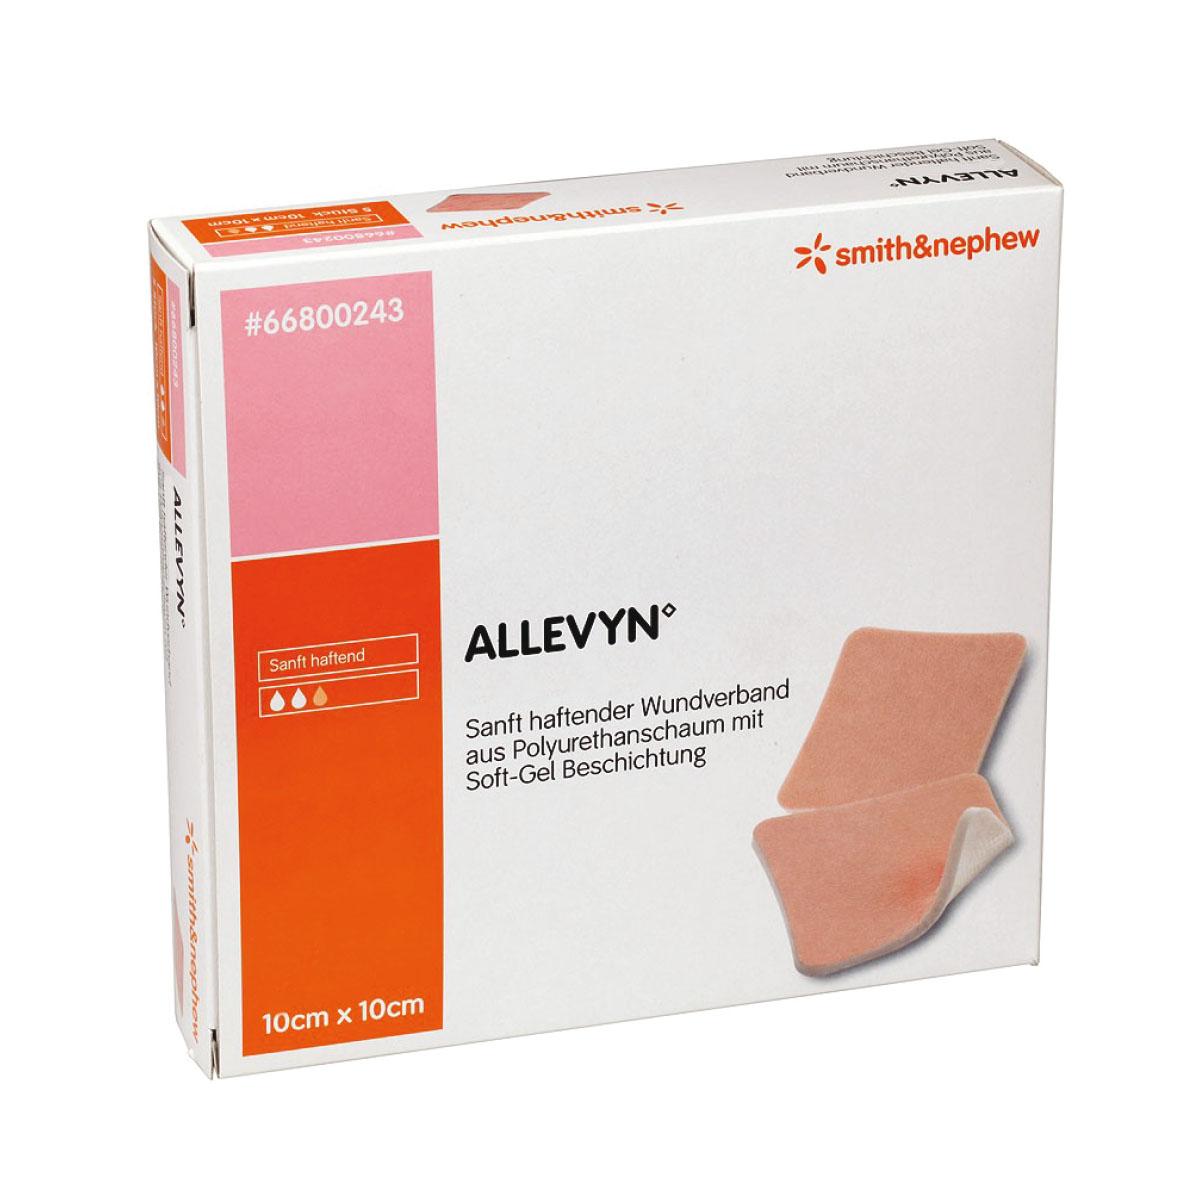 Alleyvyn